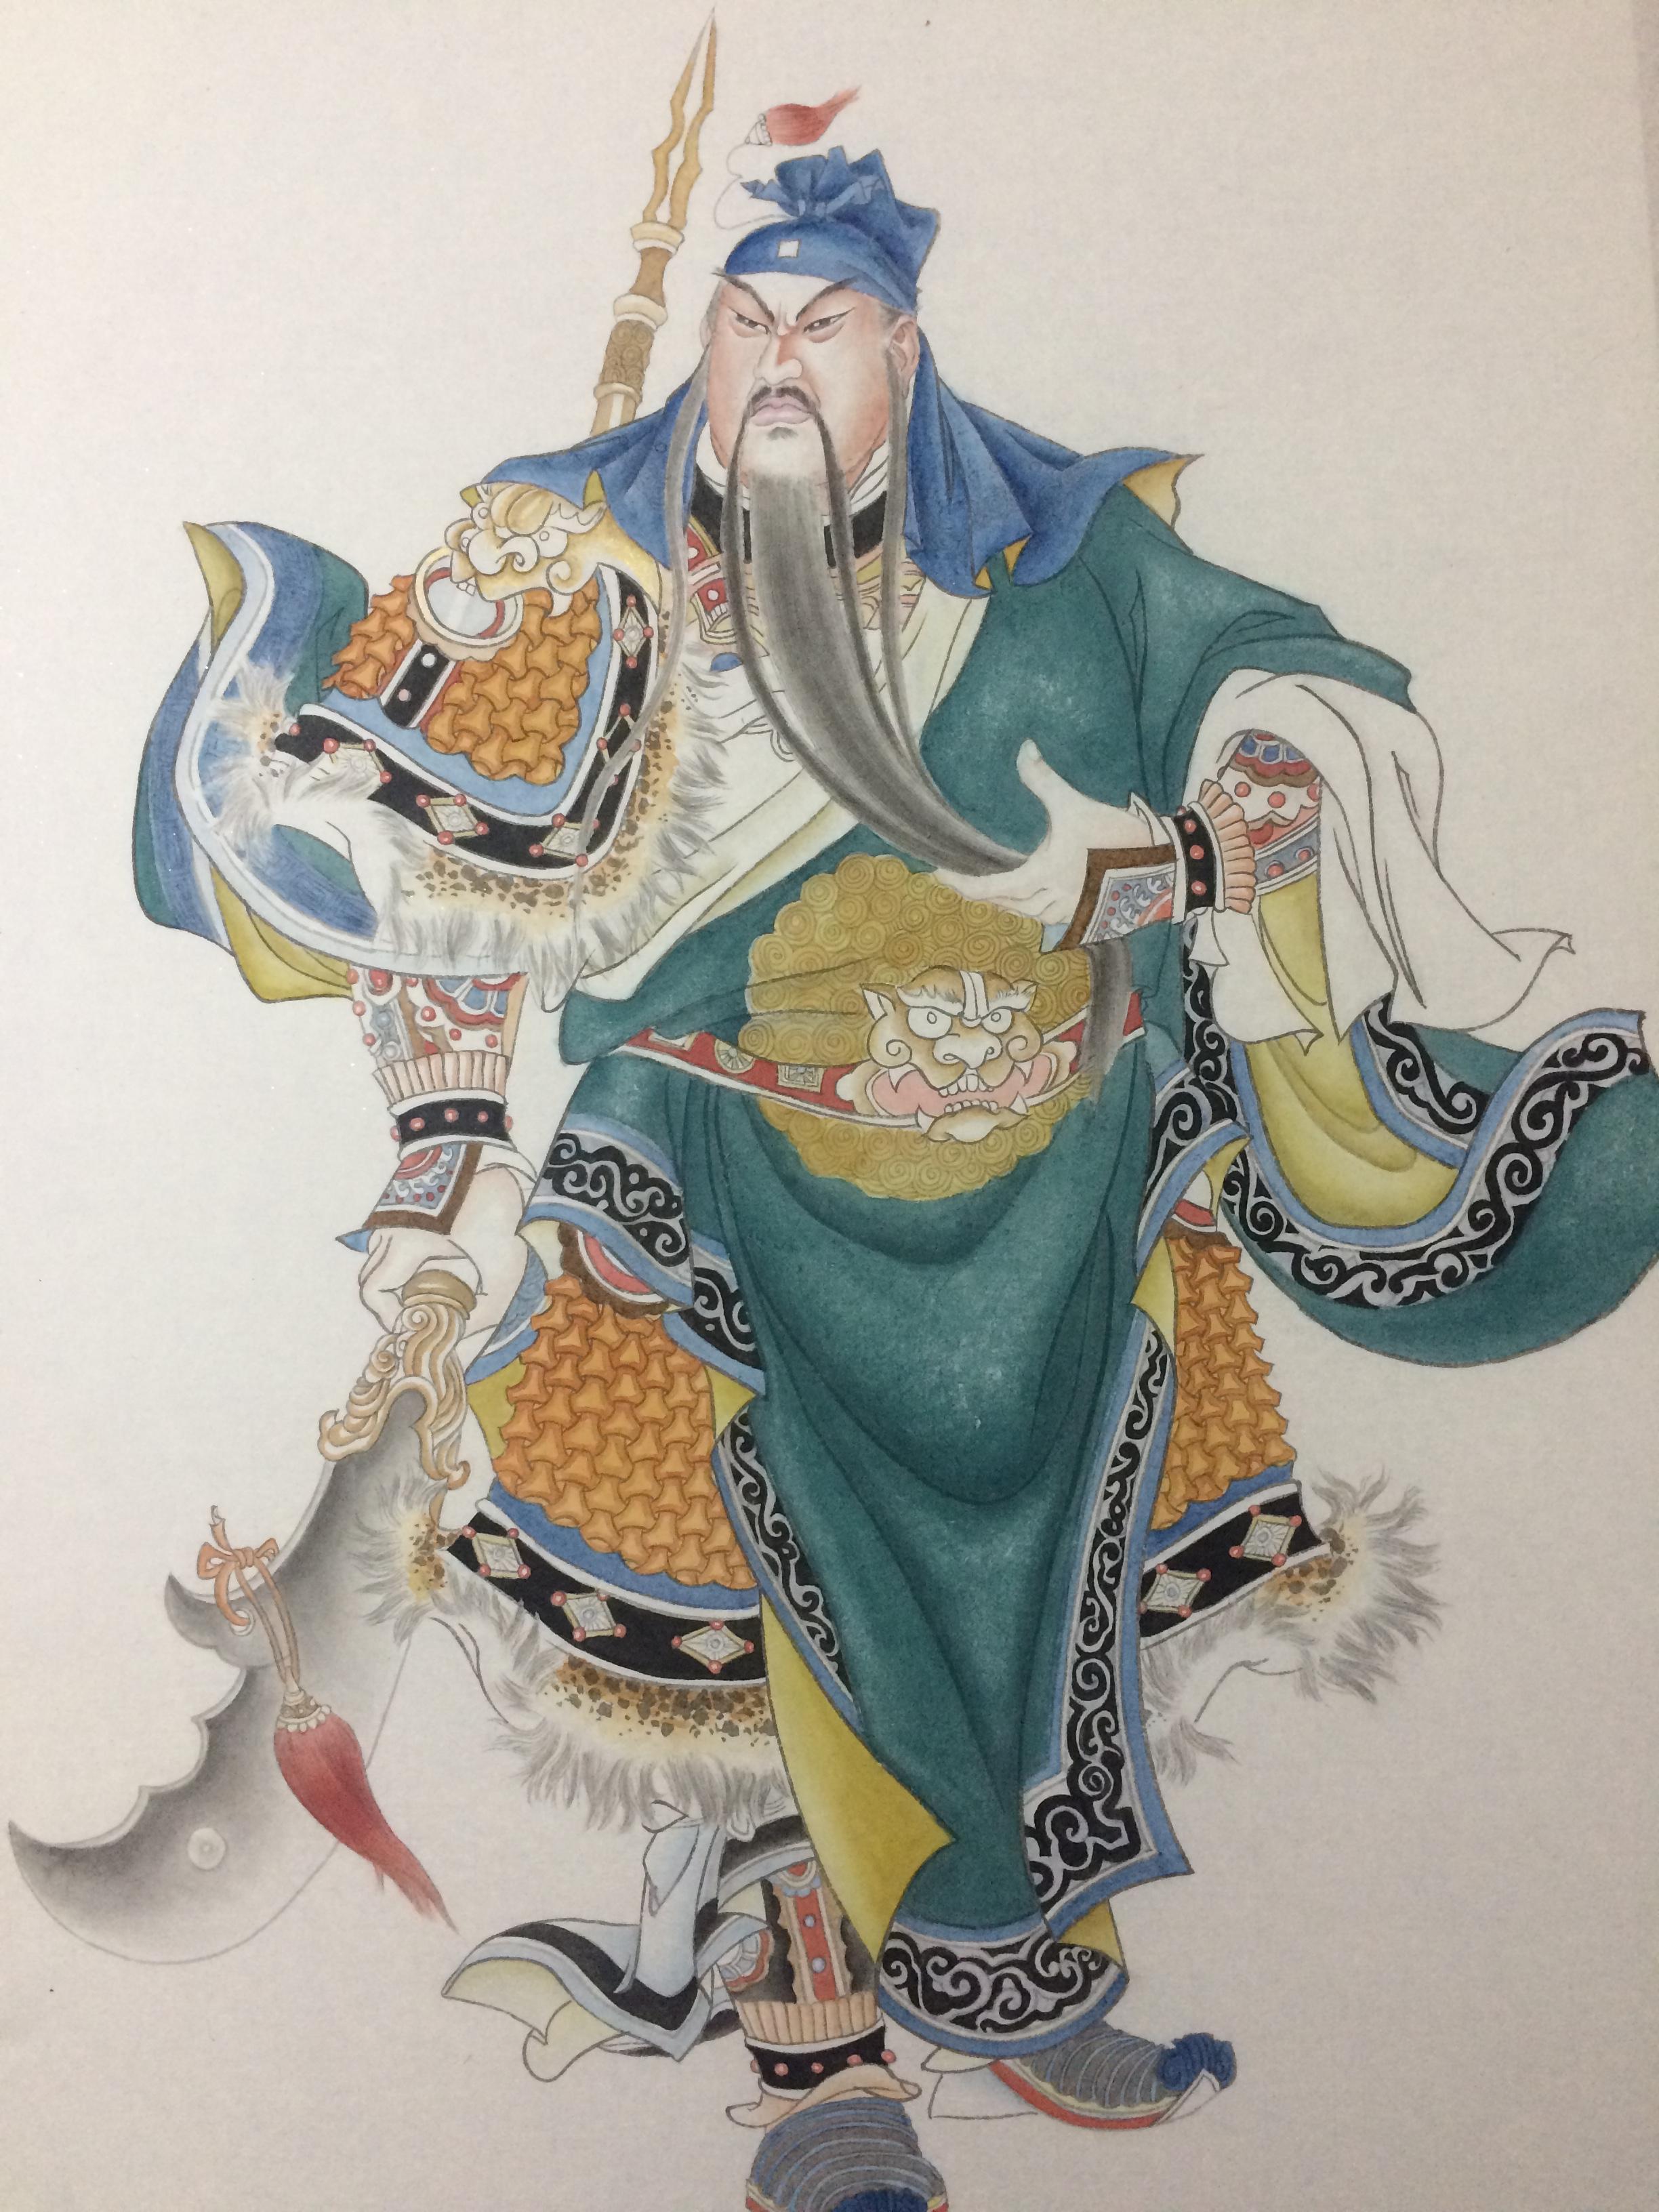 中国工笔画关羽像绘制全过程,真美